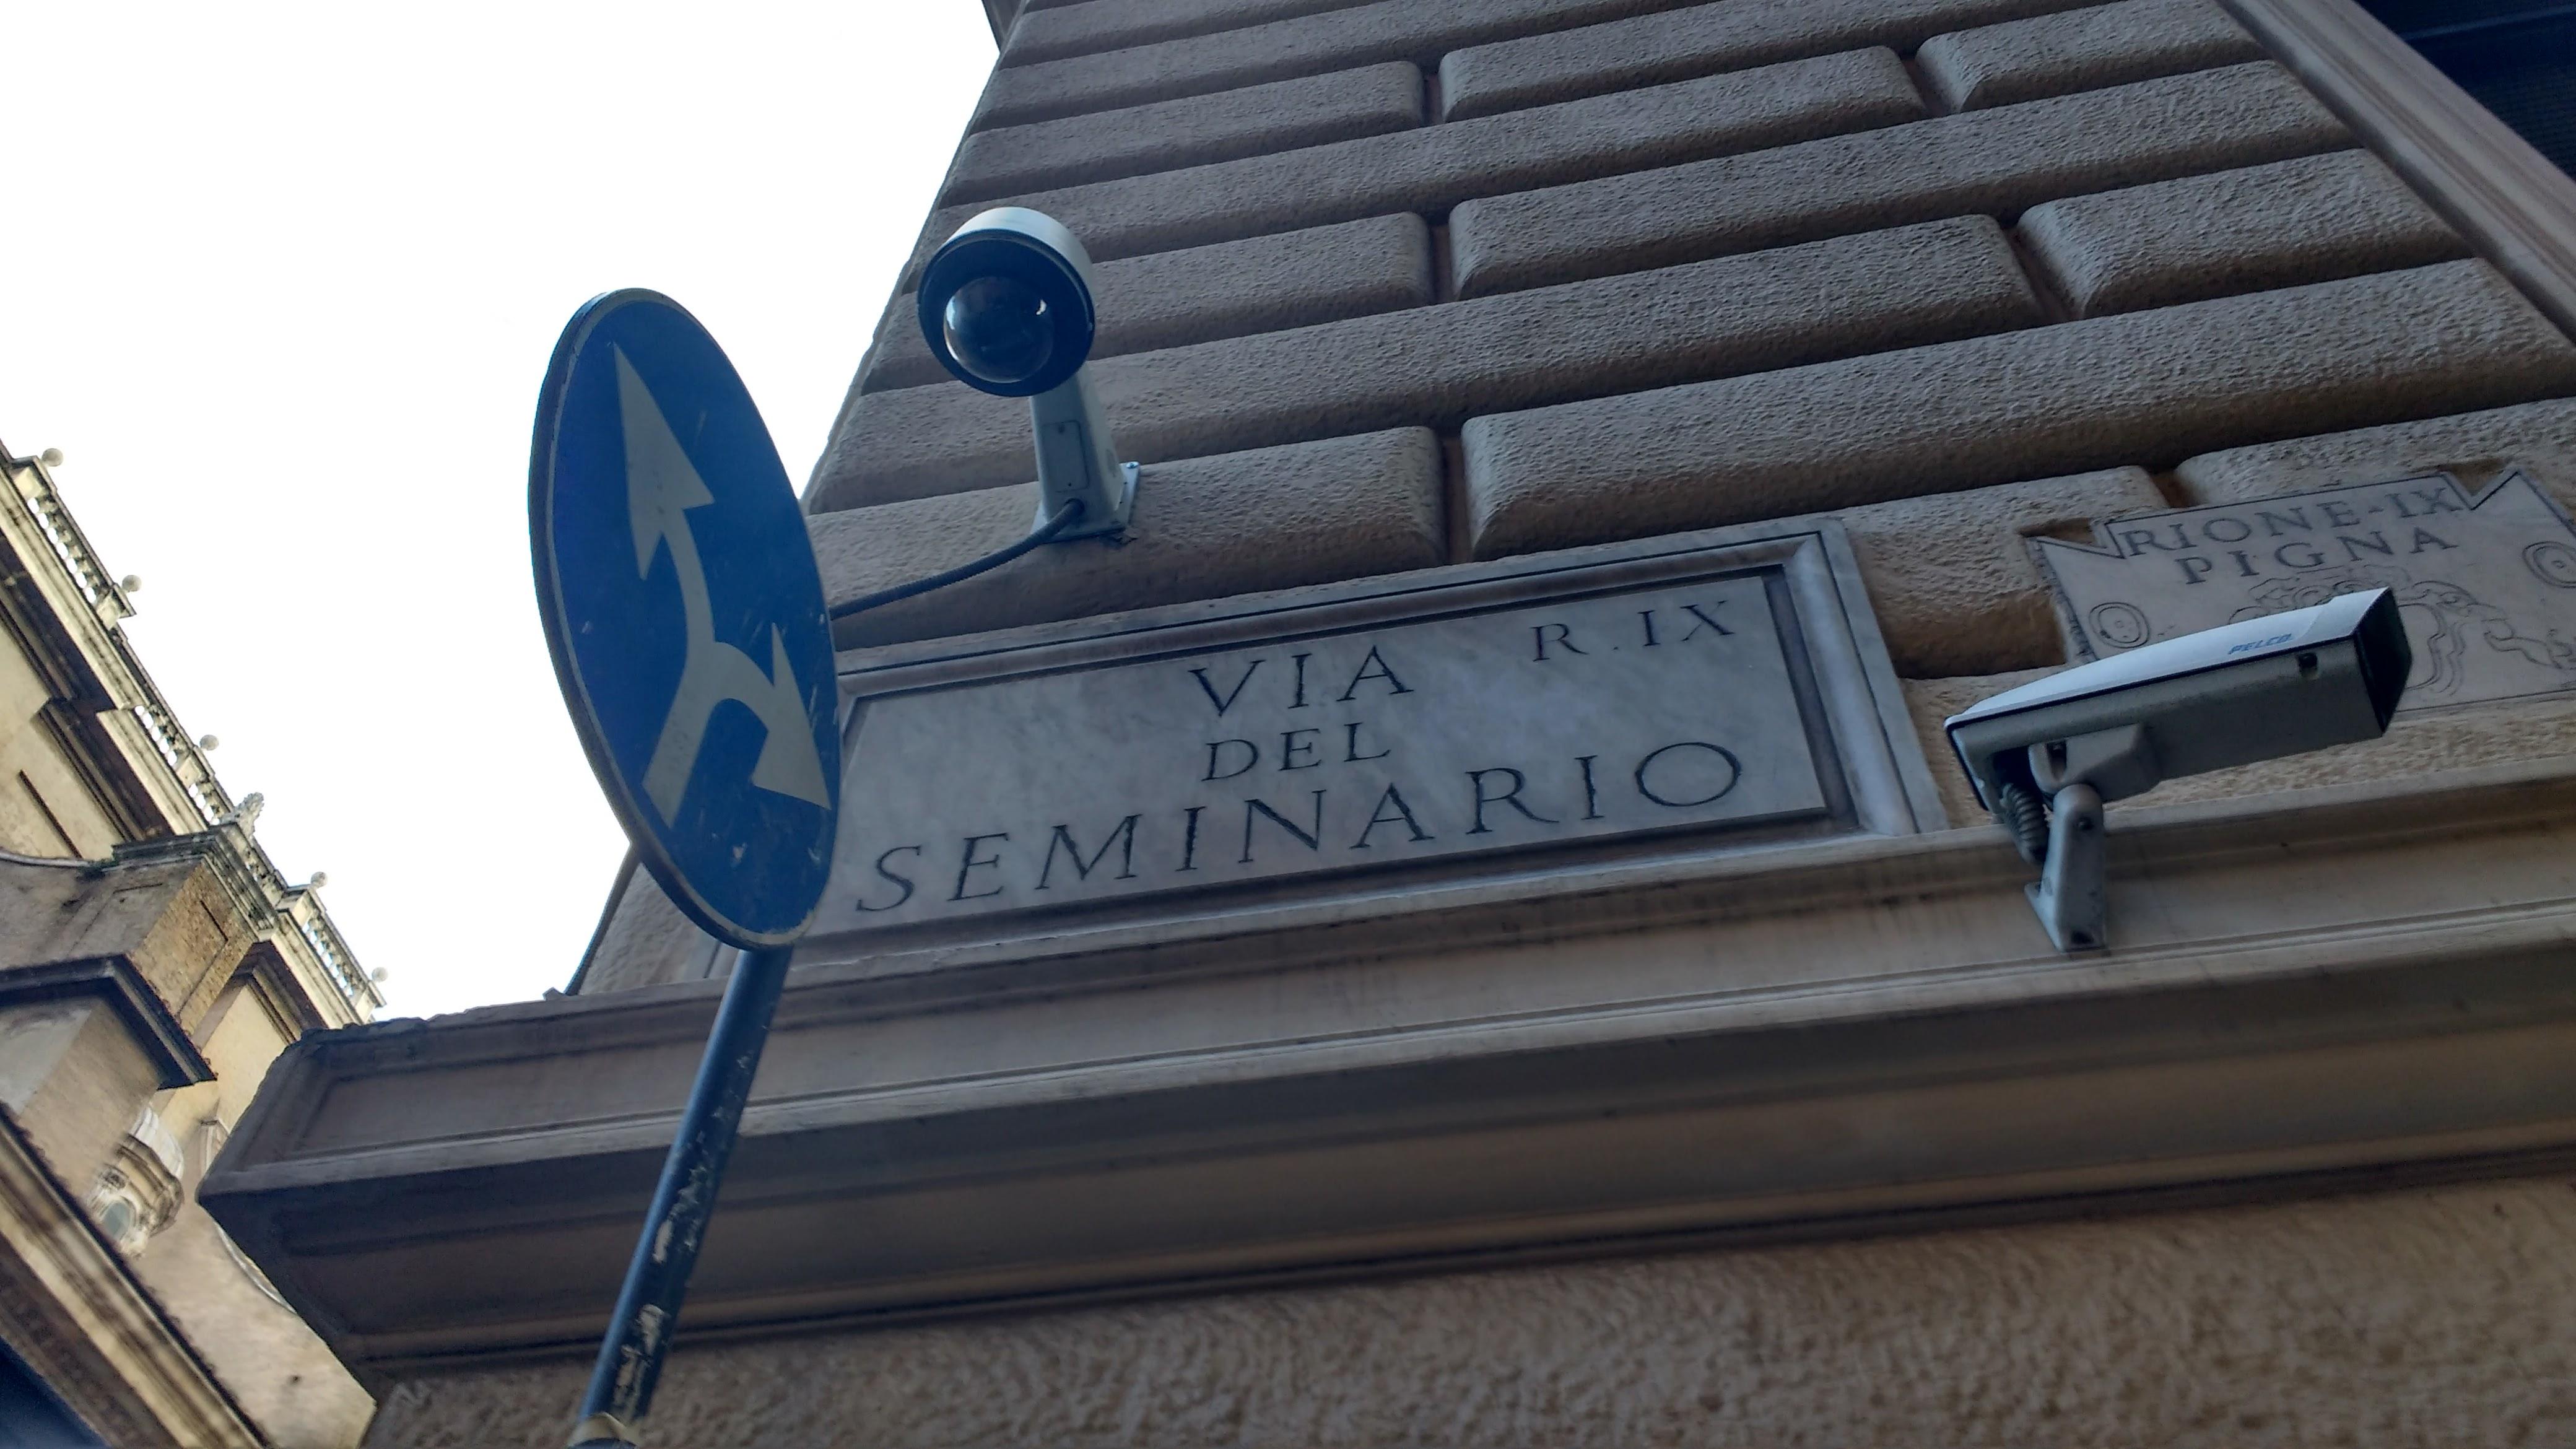 Roma, callecitas con estilo